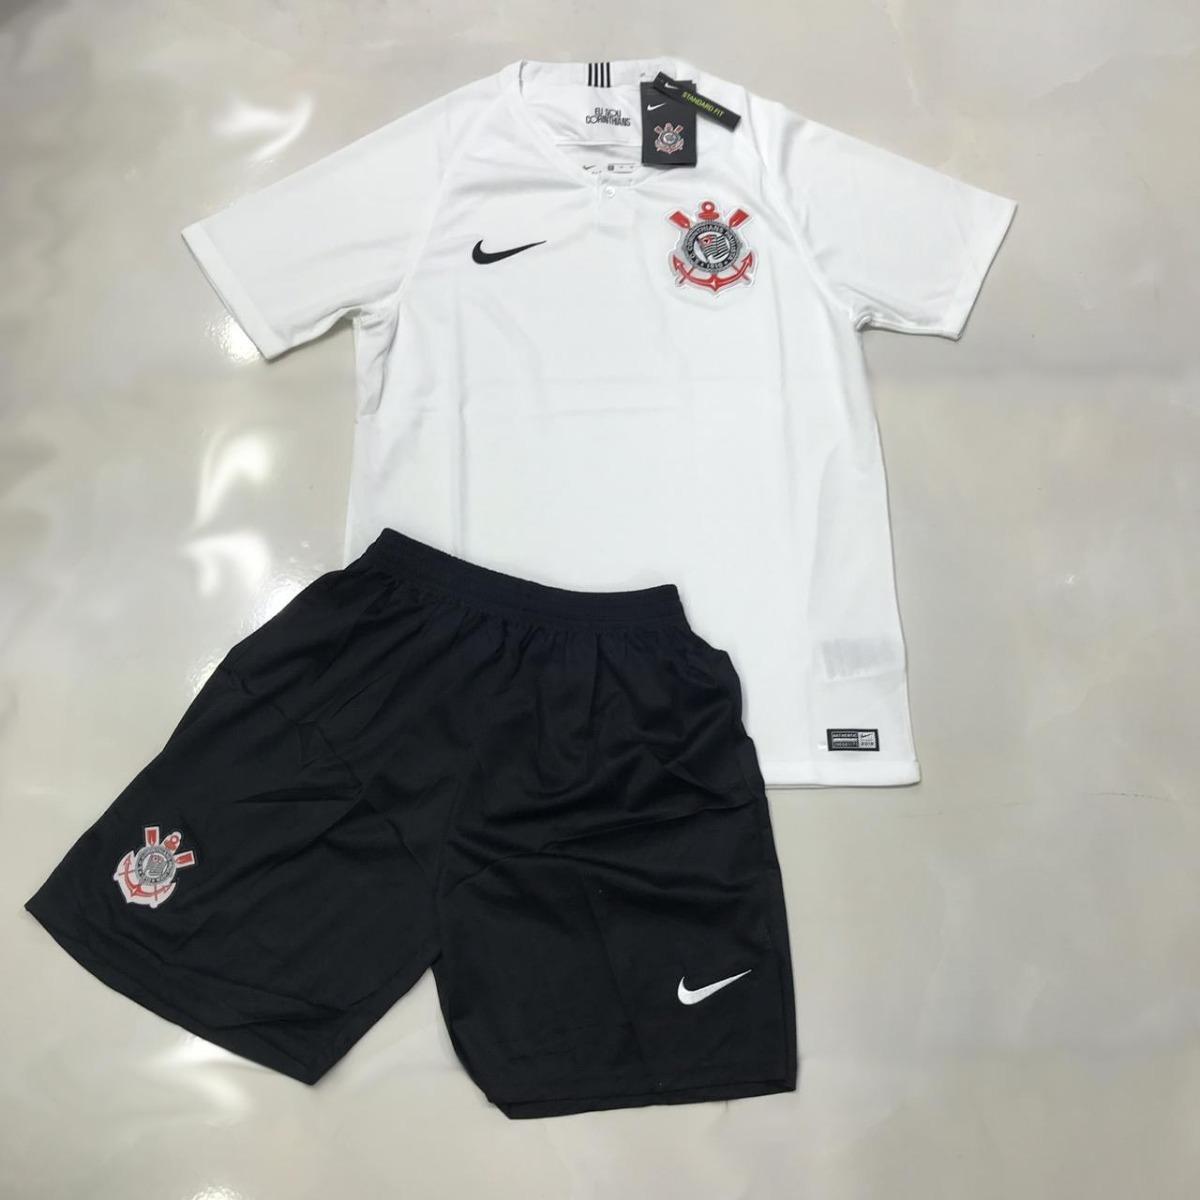 ed4d2a865bd81 Uniforme Infantil Camisa E Shorts Futebol Corinthians 2018 - R  149 ...